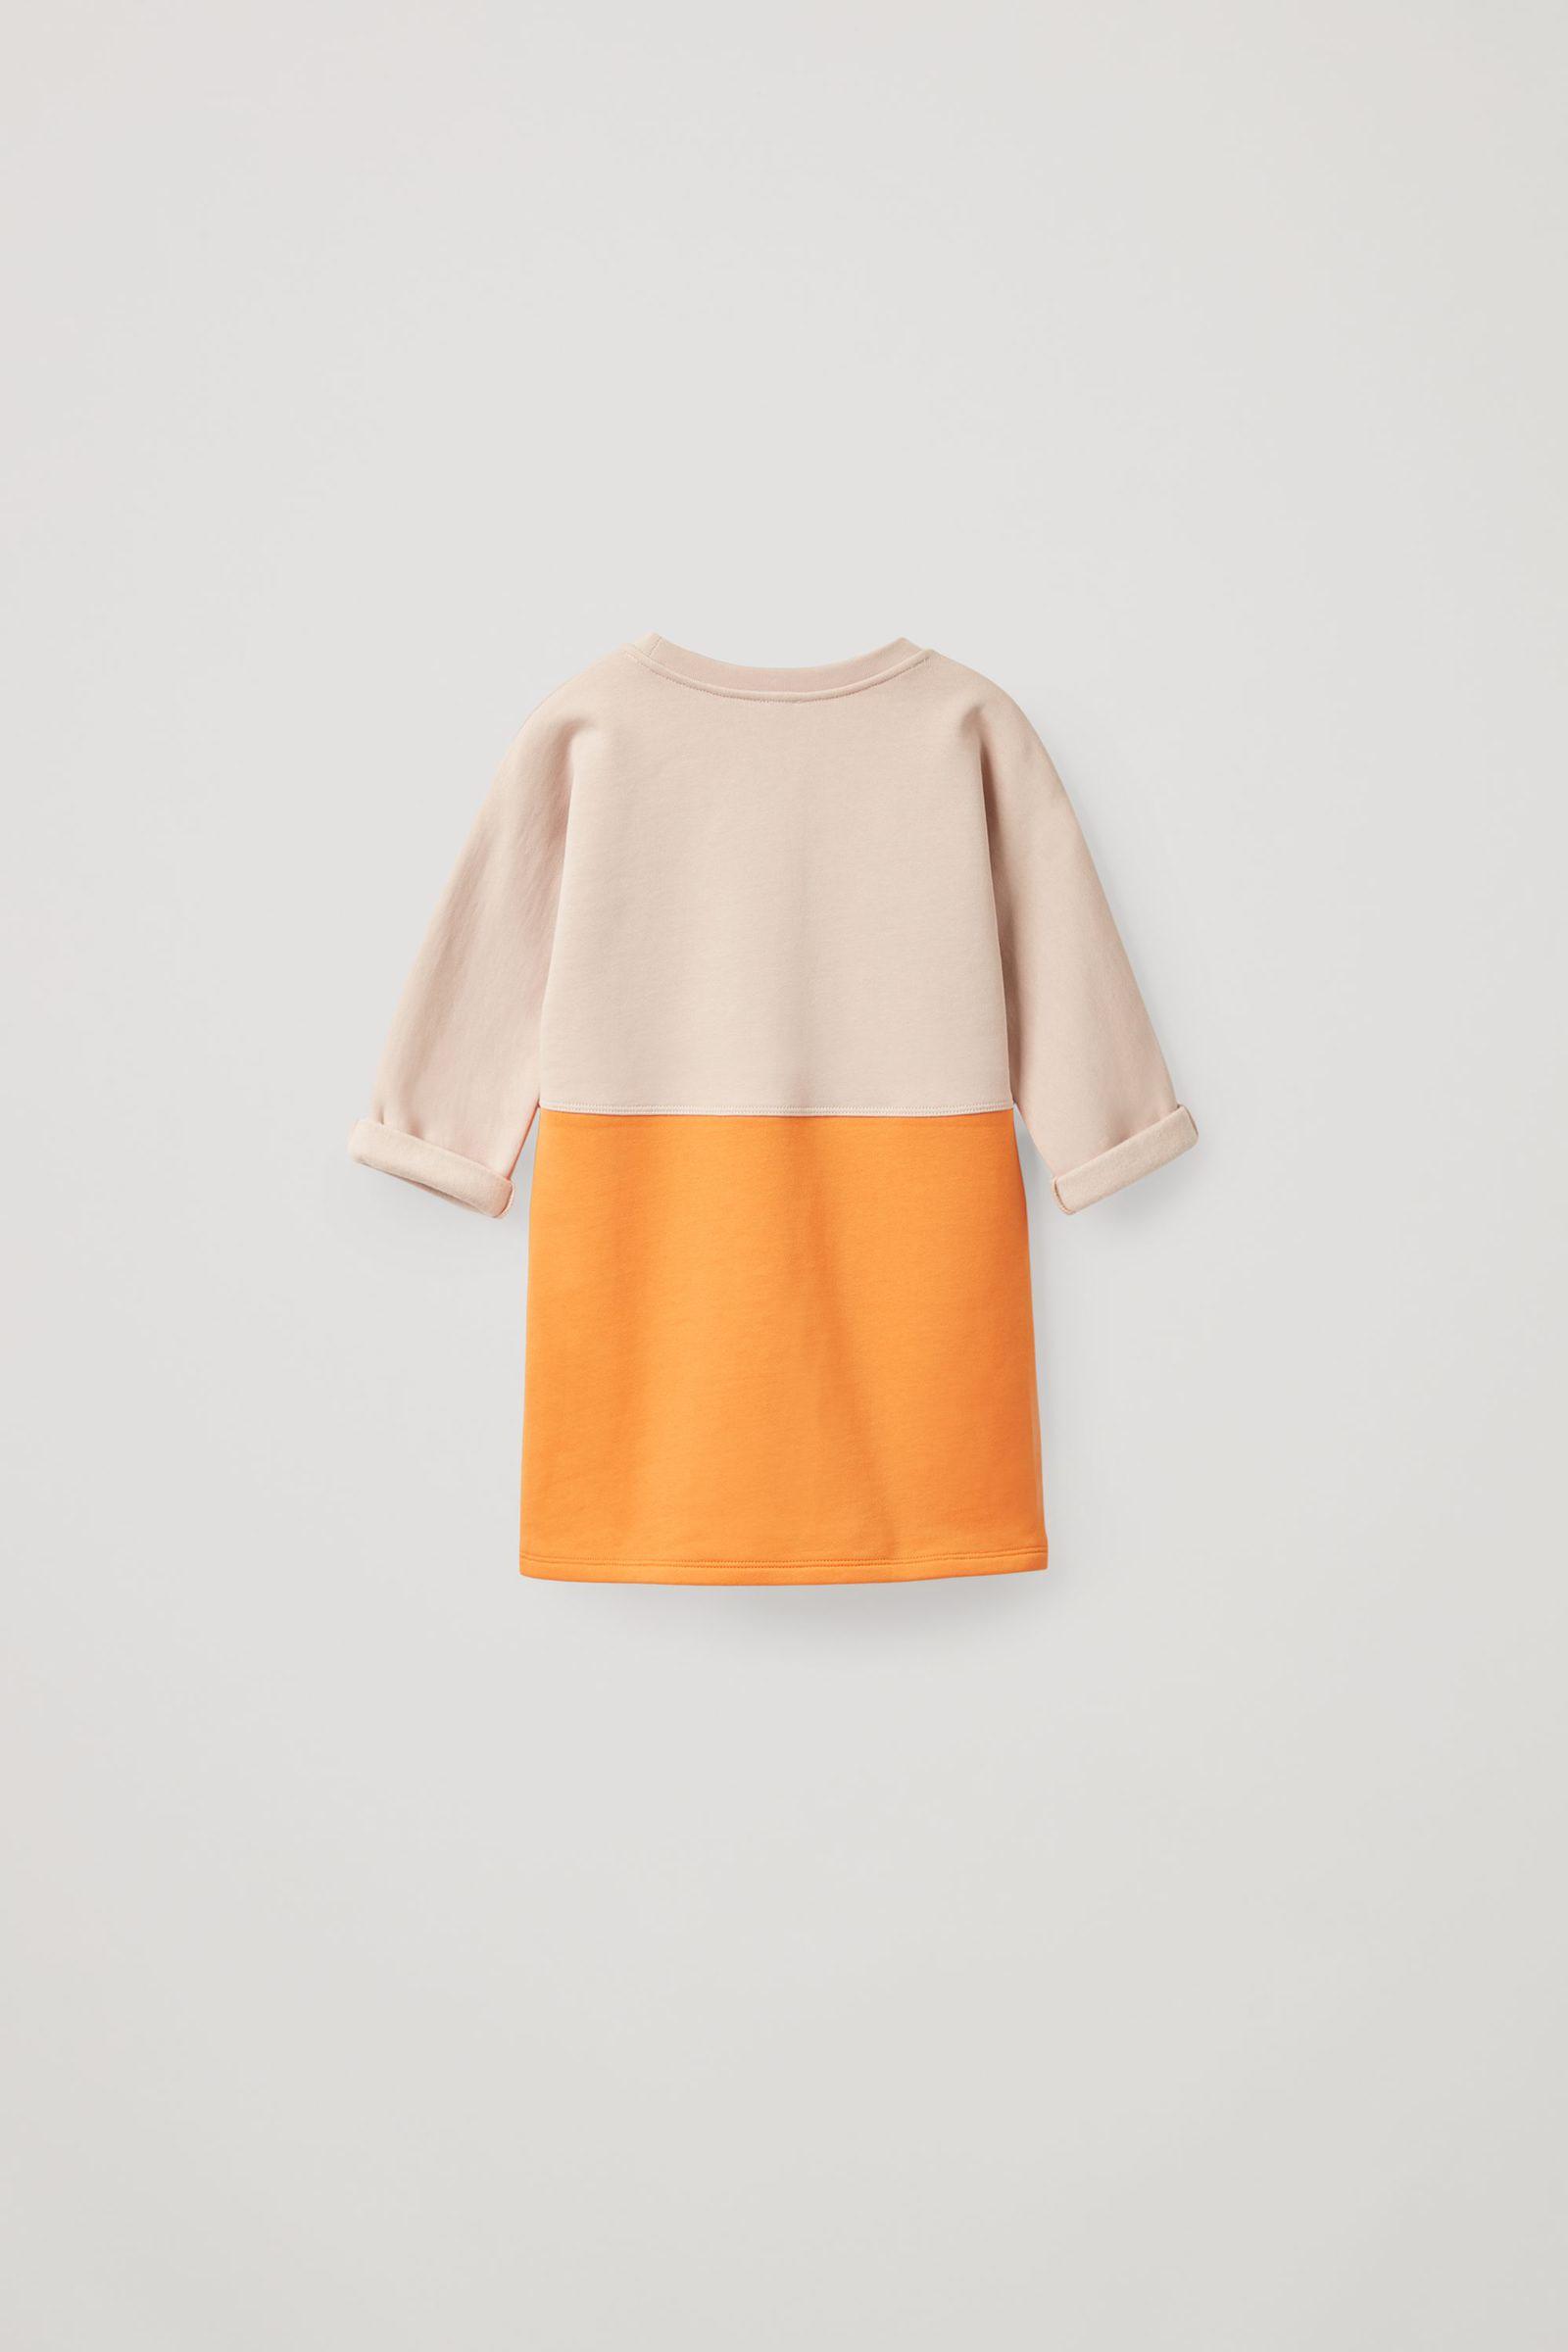 COS 오가닉 코튼 컬러 블록 스웻셔츠 드레스의 베이지 / 오렌지 / 네이비컬러 Product입니다.